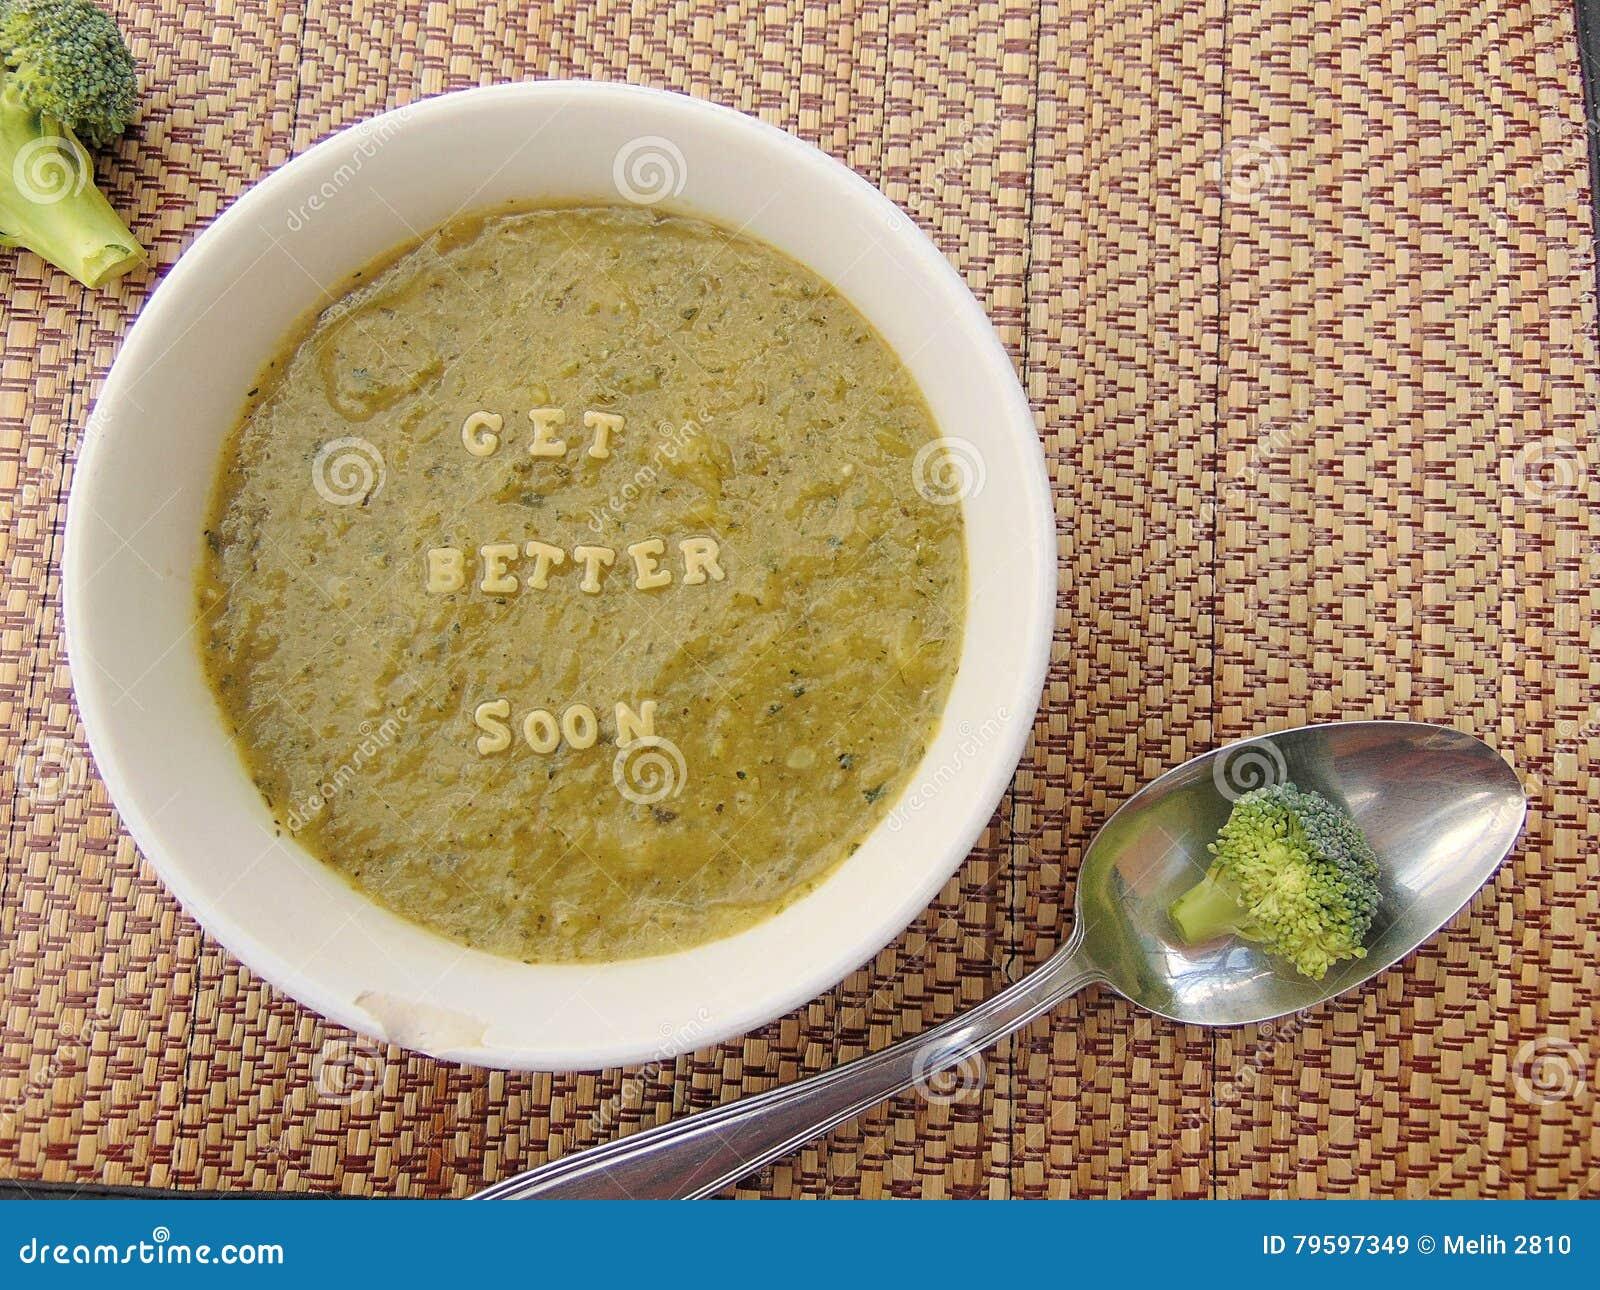 Obtenha melhor escrito logo na sopa vegetal com colher